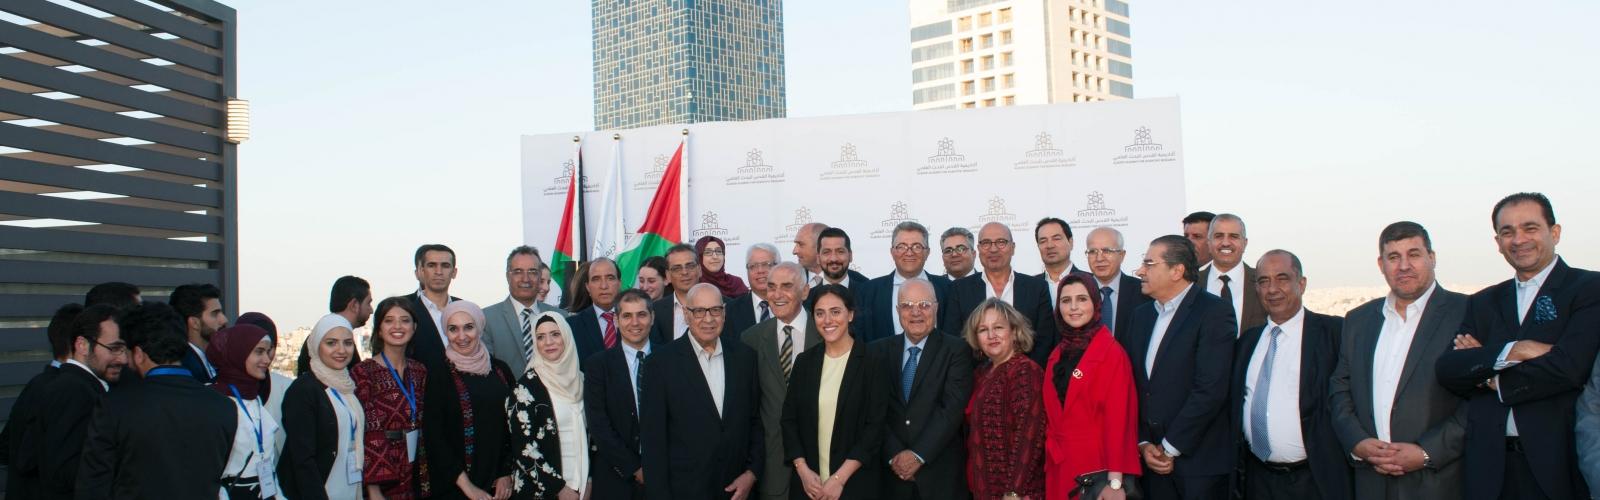 Palestine Polytechnic University (PPU) - جامعة بوليتكنك فلسطين في صدارة المشاريع البحثية الفائزة في الدورة الأولى لأكاديمية القدس للبحث العلمي